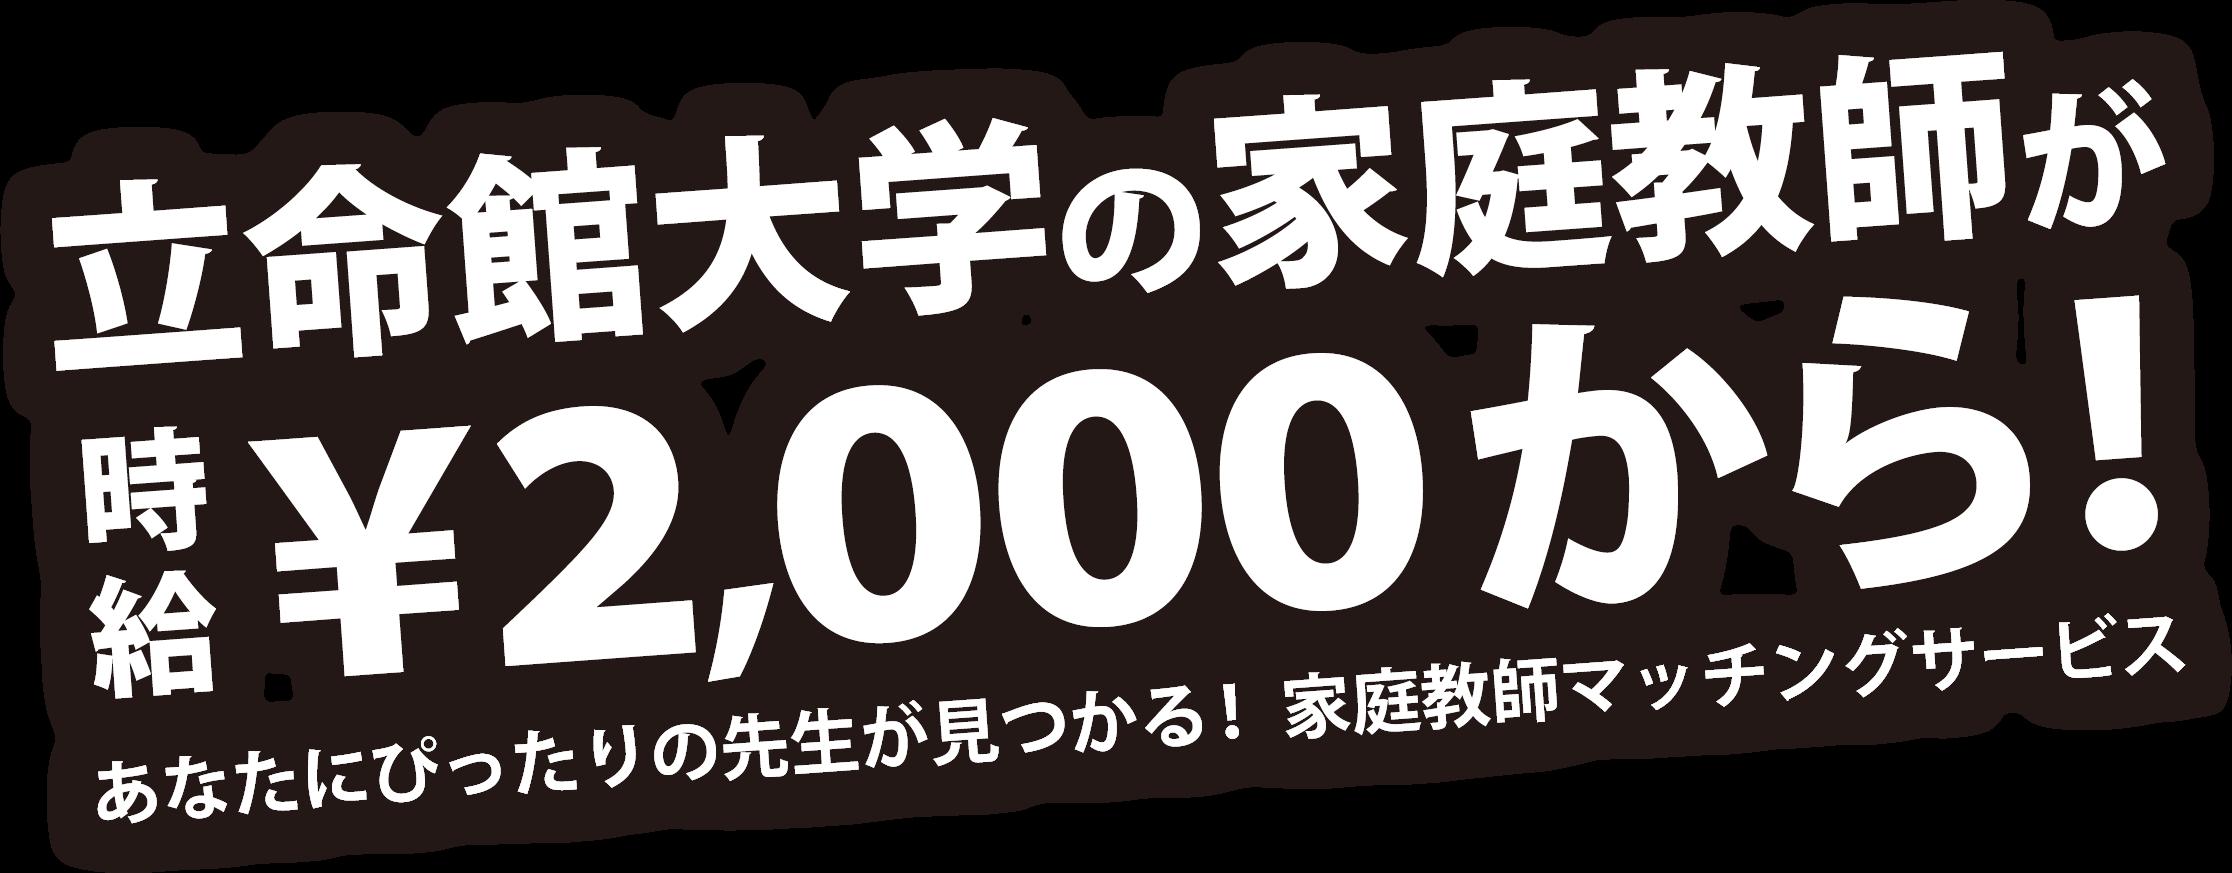 立命館大学の家庭教師が時給¥2,000から!あなたにぴったりの先生が見つかる!家庭教師マッチングサービス